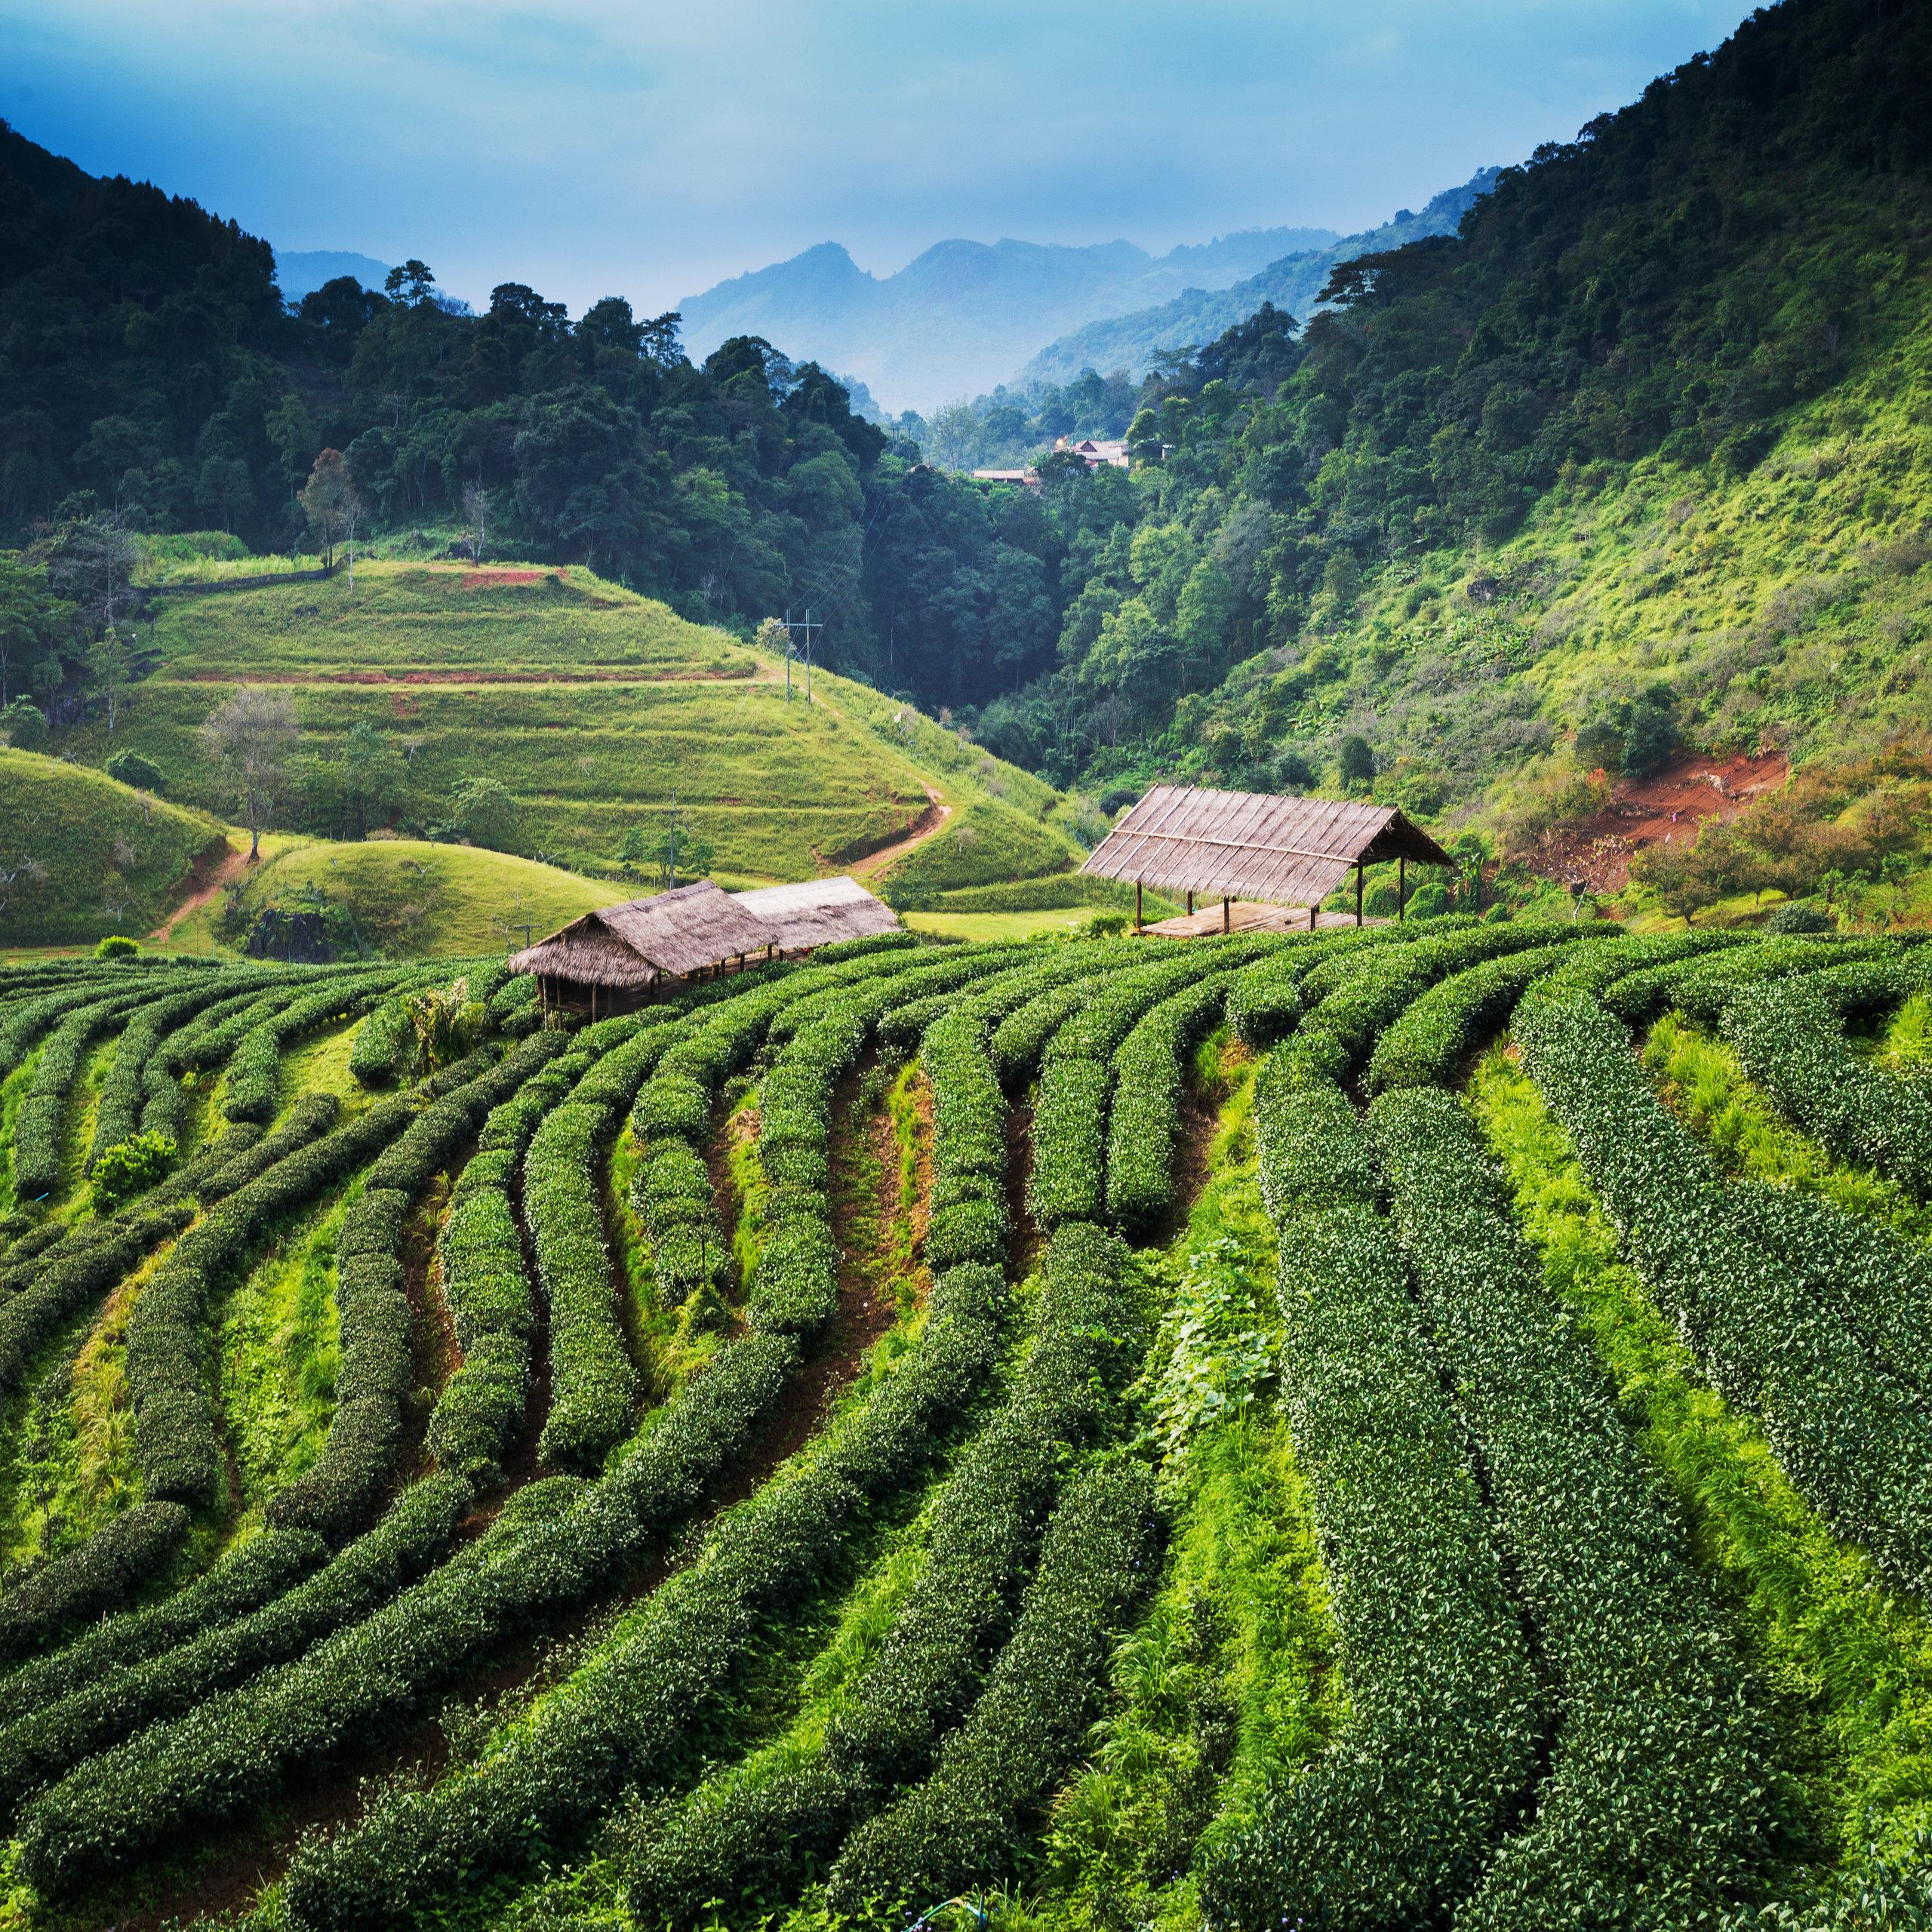 På en rejse til Sri Lanka ser du også højlandet med teplantager og køligt vejr